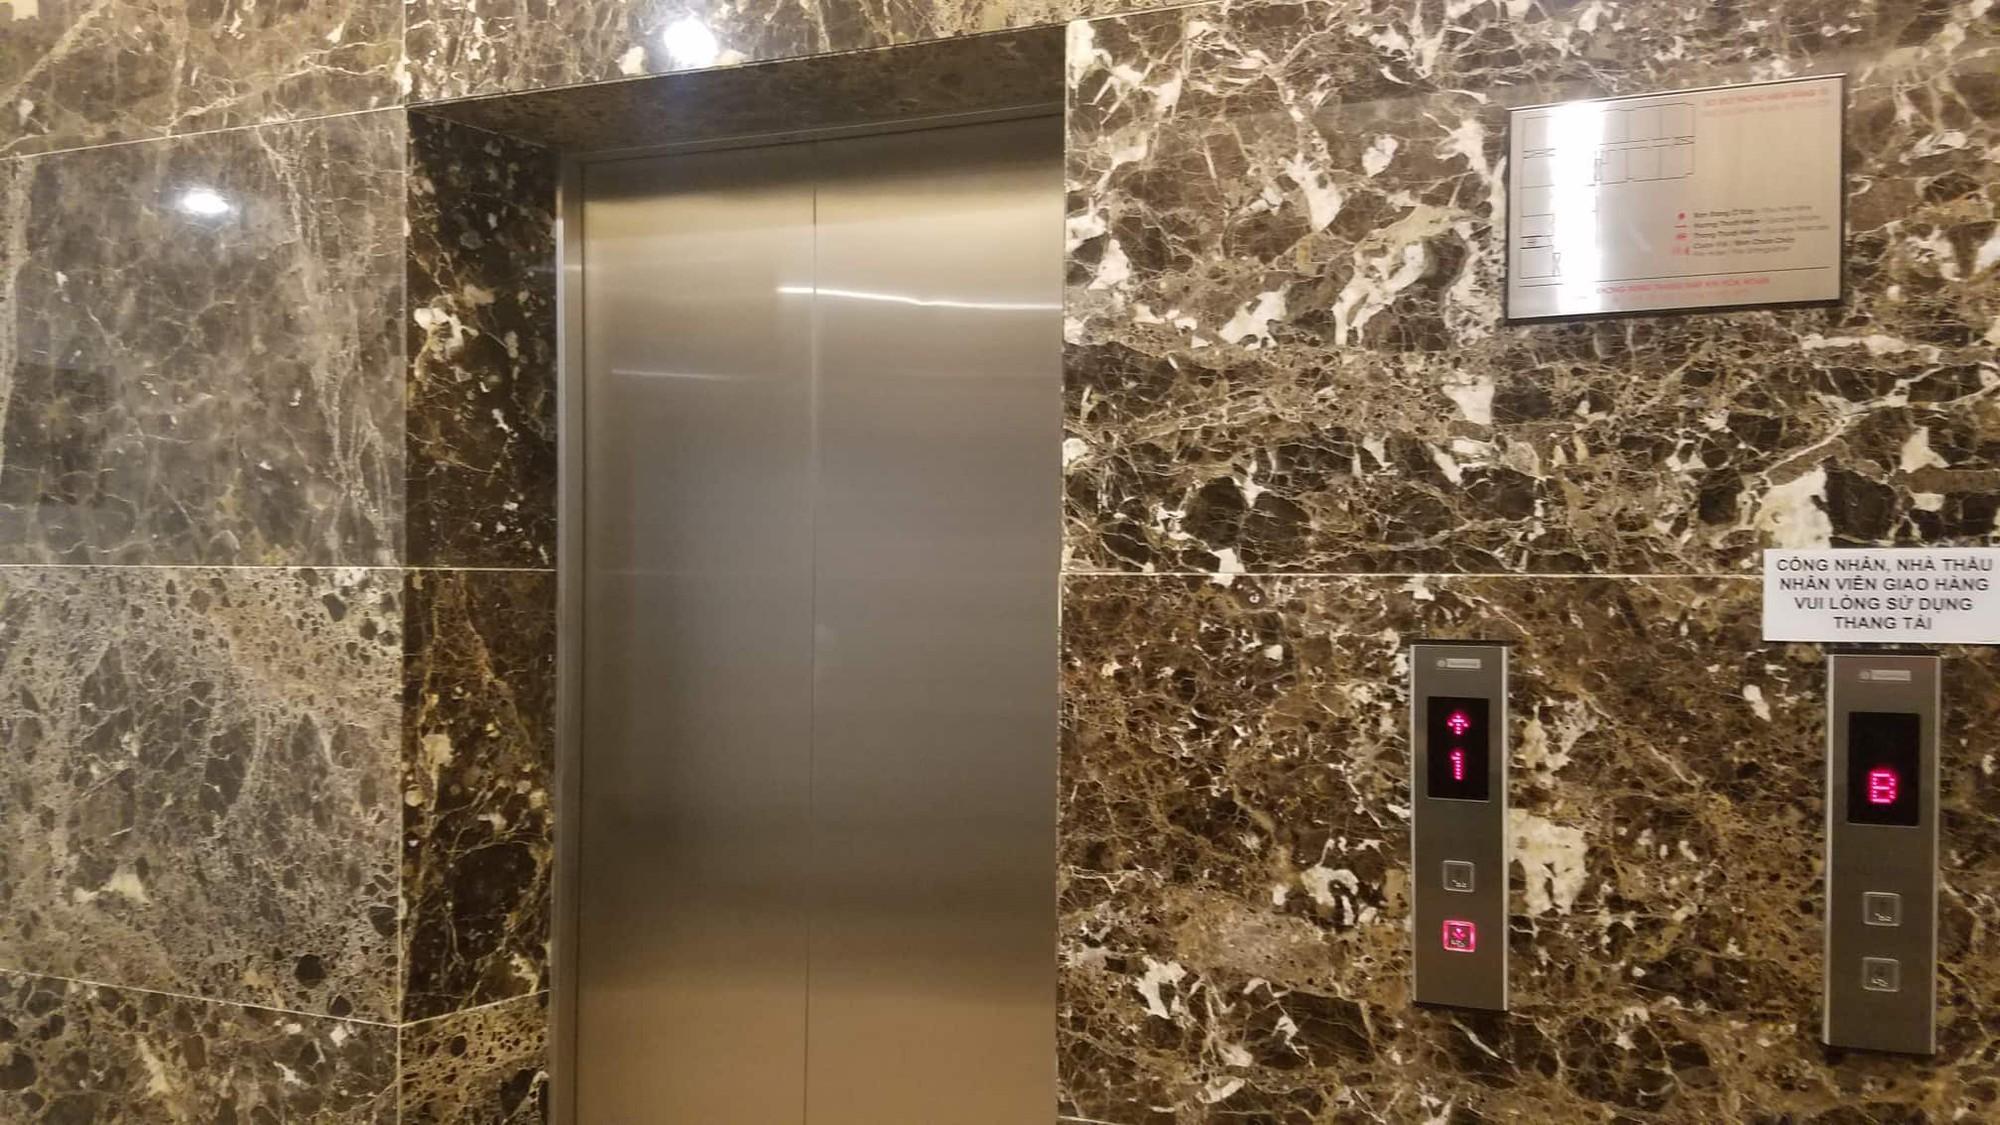 Vụ gã đàn ông sàm sỡ bé gái trong thang máy chung cư ở Sài Gòn: Gia đình nạn nhân không muốn tố giác-1